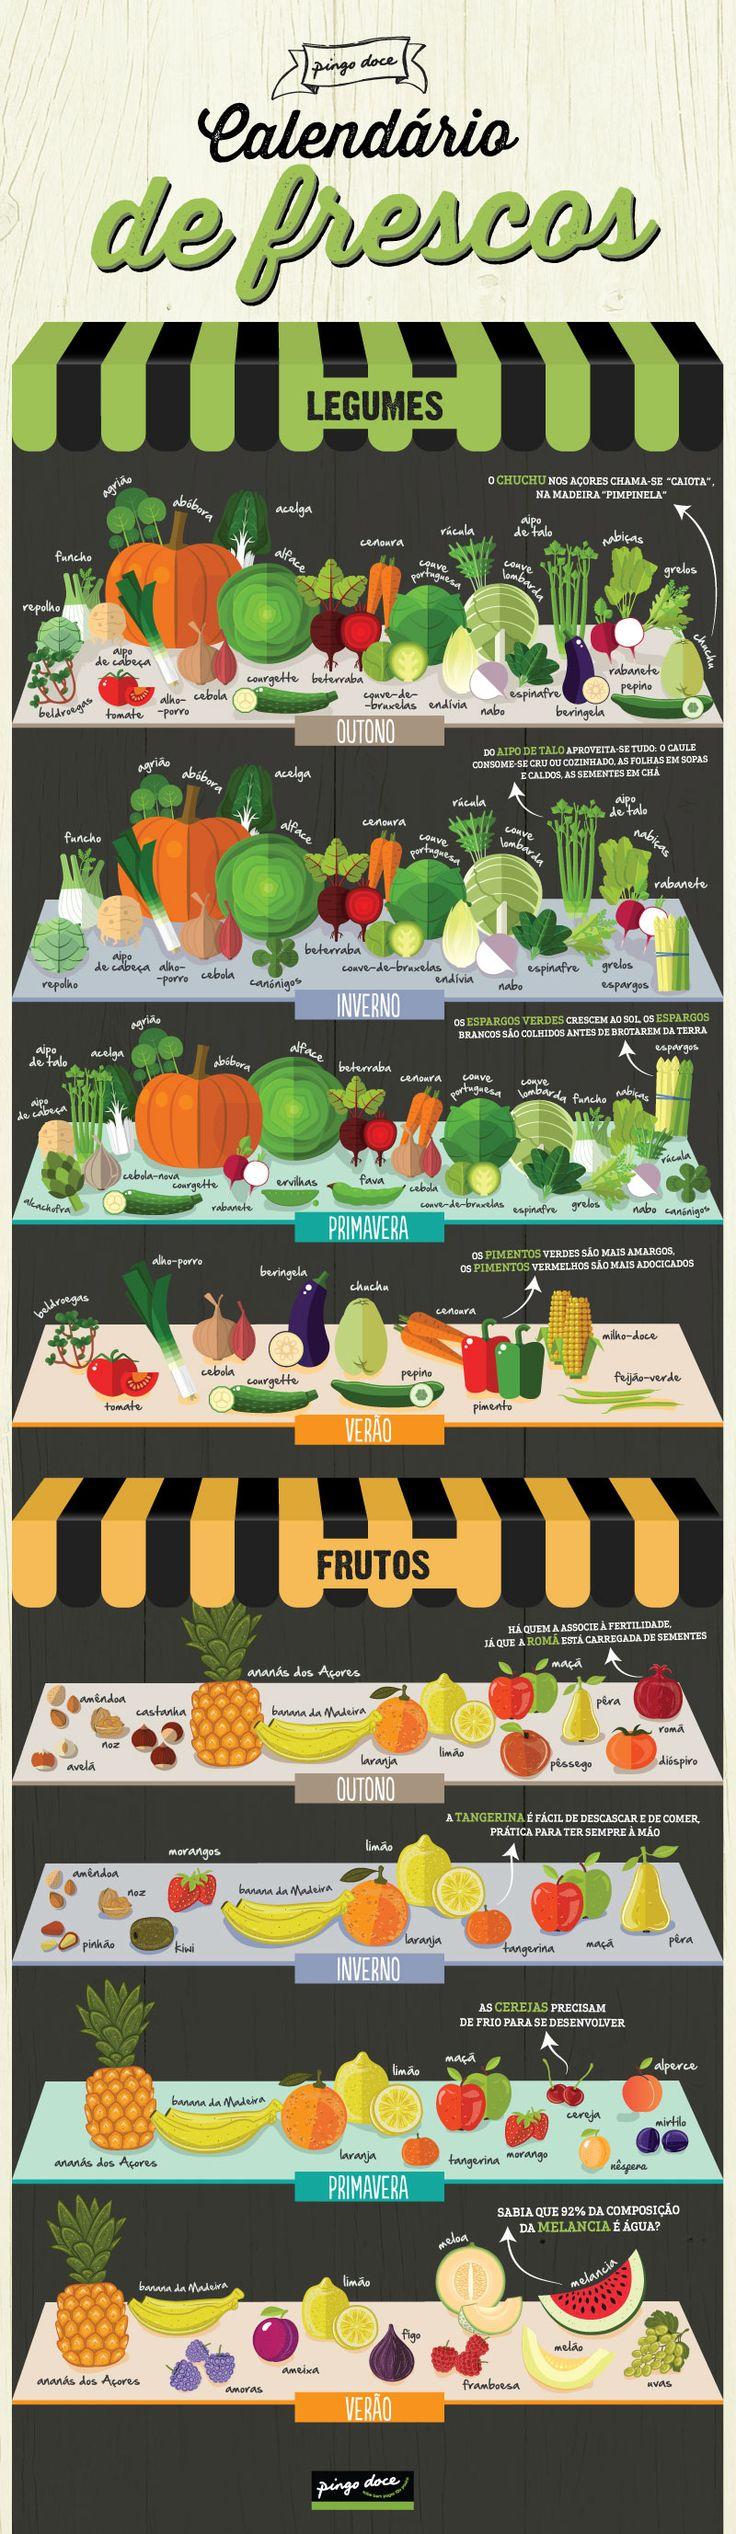 Sabe qual a época do morango ou das castanhas? Das romãs mais frescas ou do tomate mais maduro? Veja o nosso calendário de frescos e conheça os melhores frutos e legumes de cada estação.